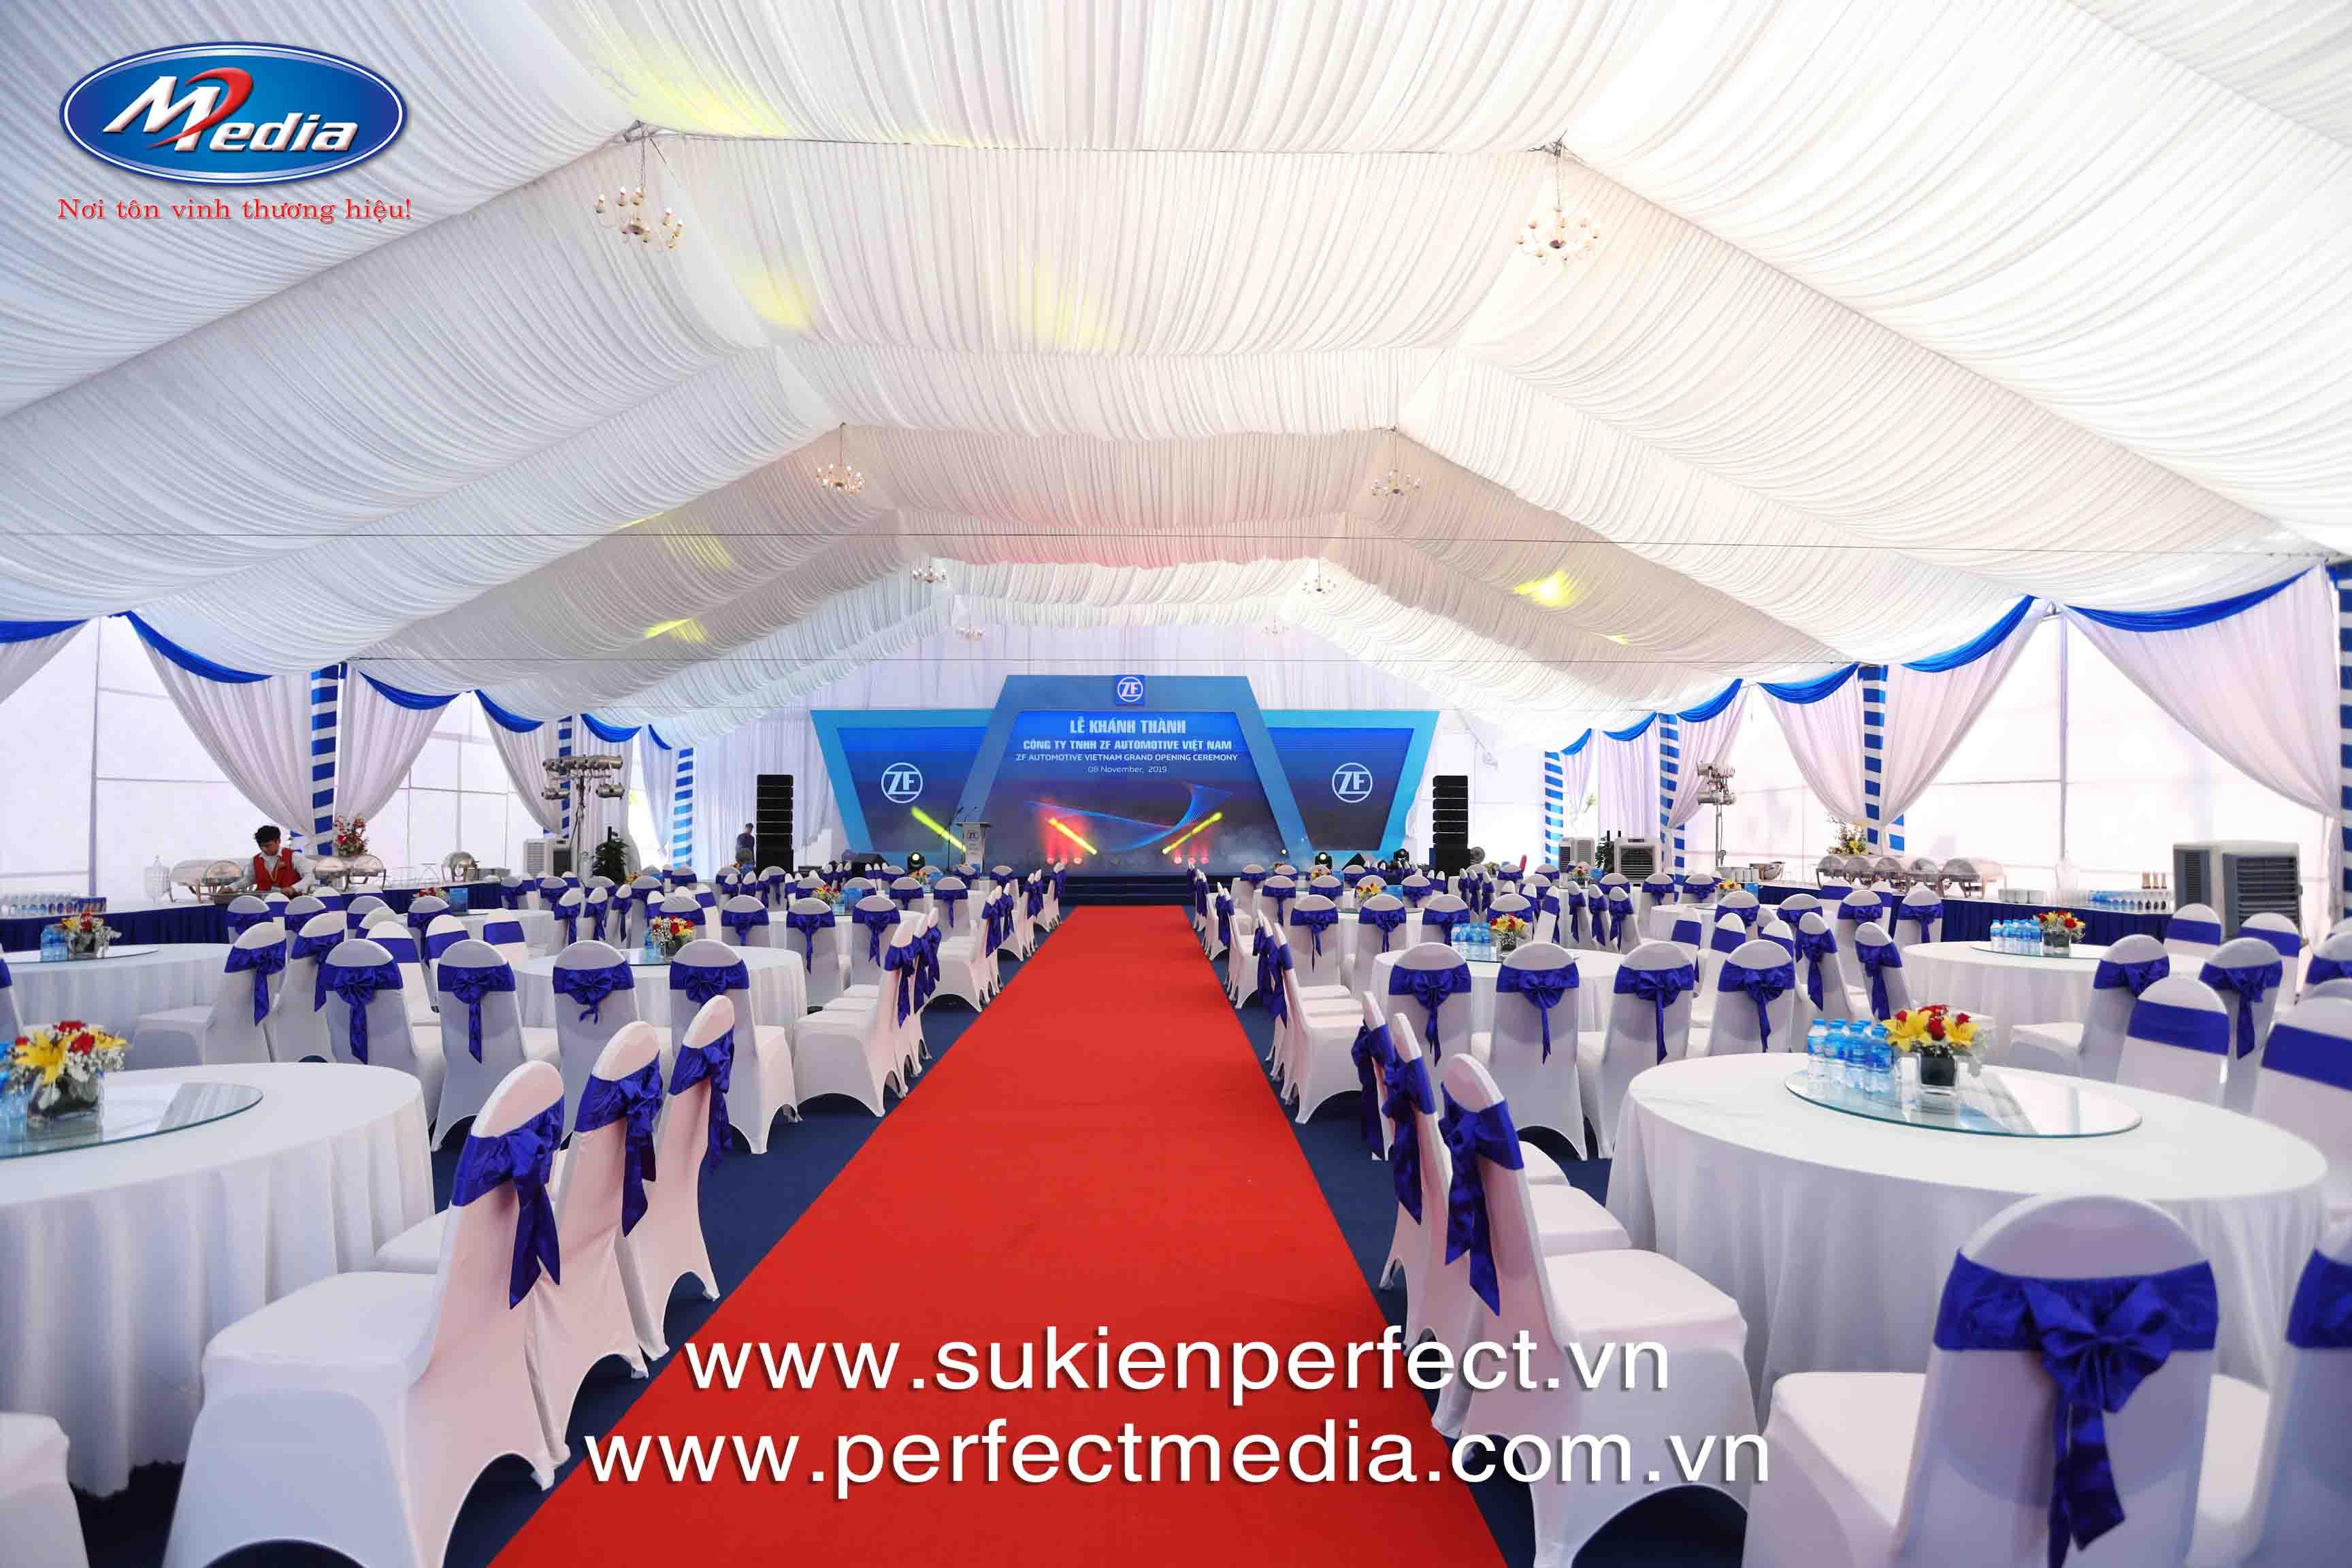 Perfect Media cho thuê nhà bạt, bàn ghế sự kiện chuyên nghiệp tại Thái Bình